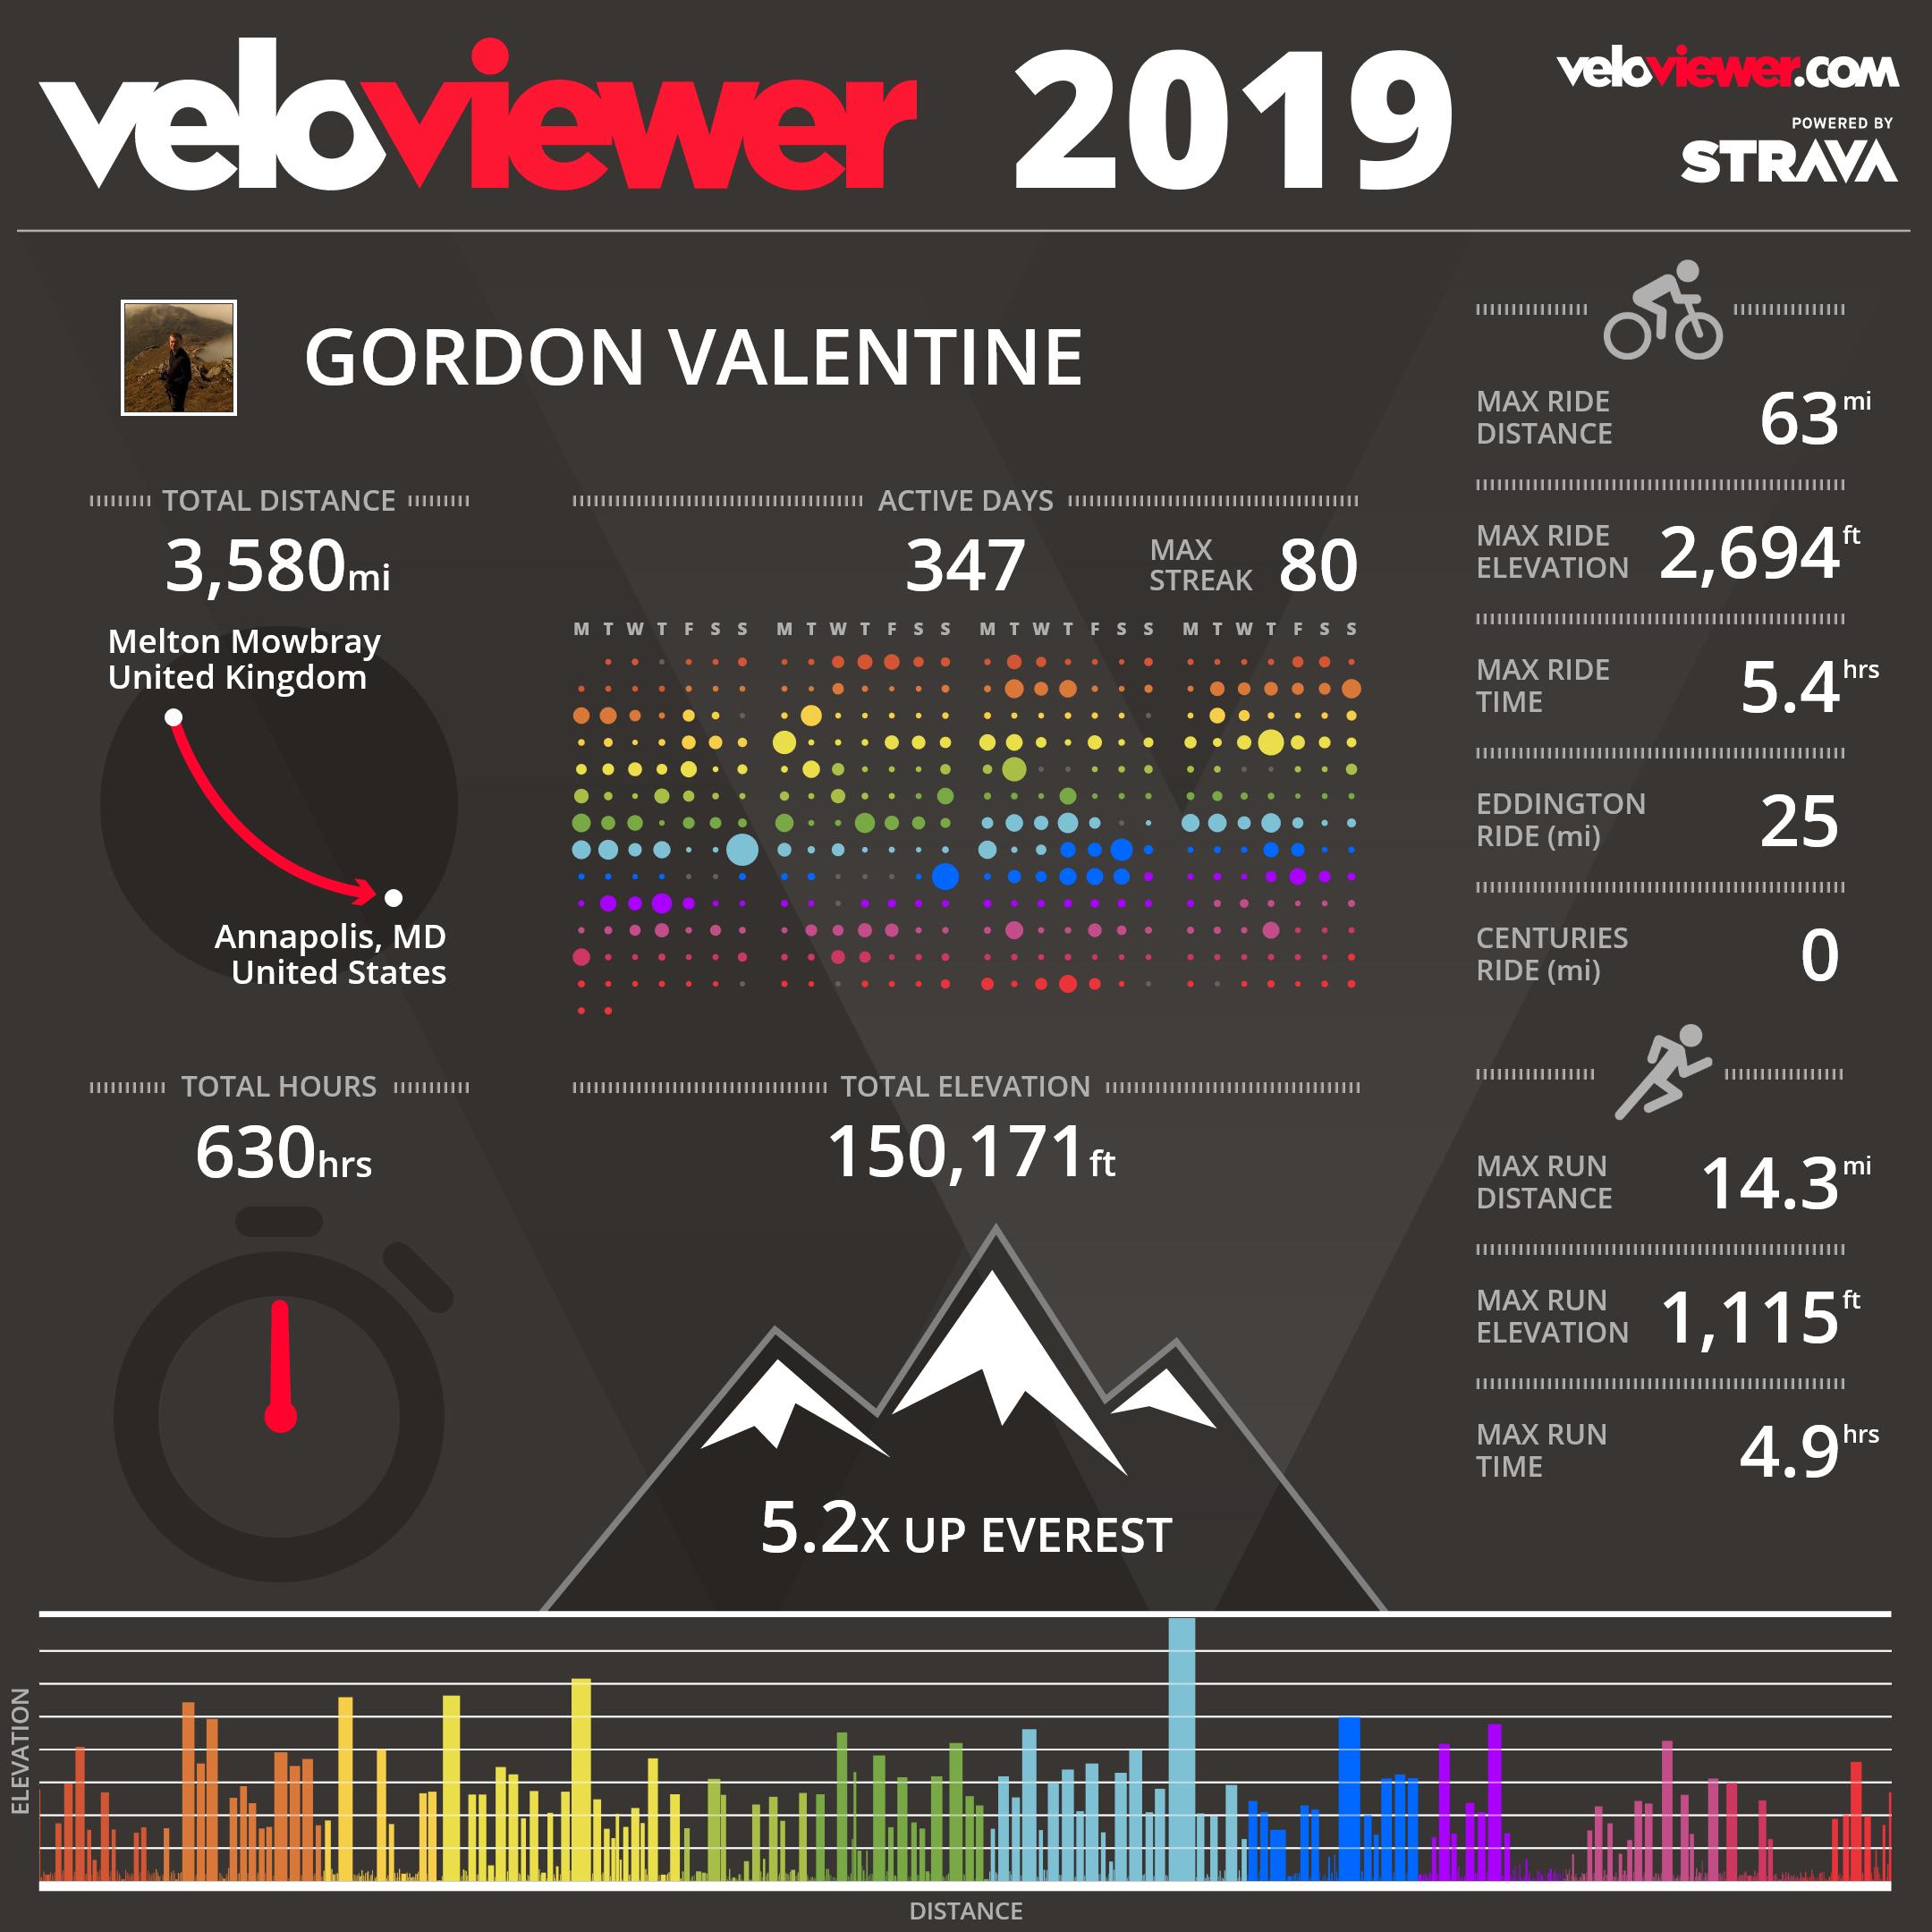 veloviewer infographic 2019